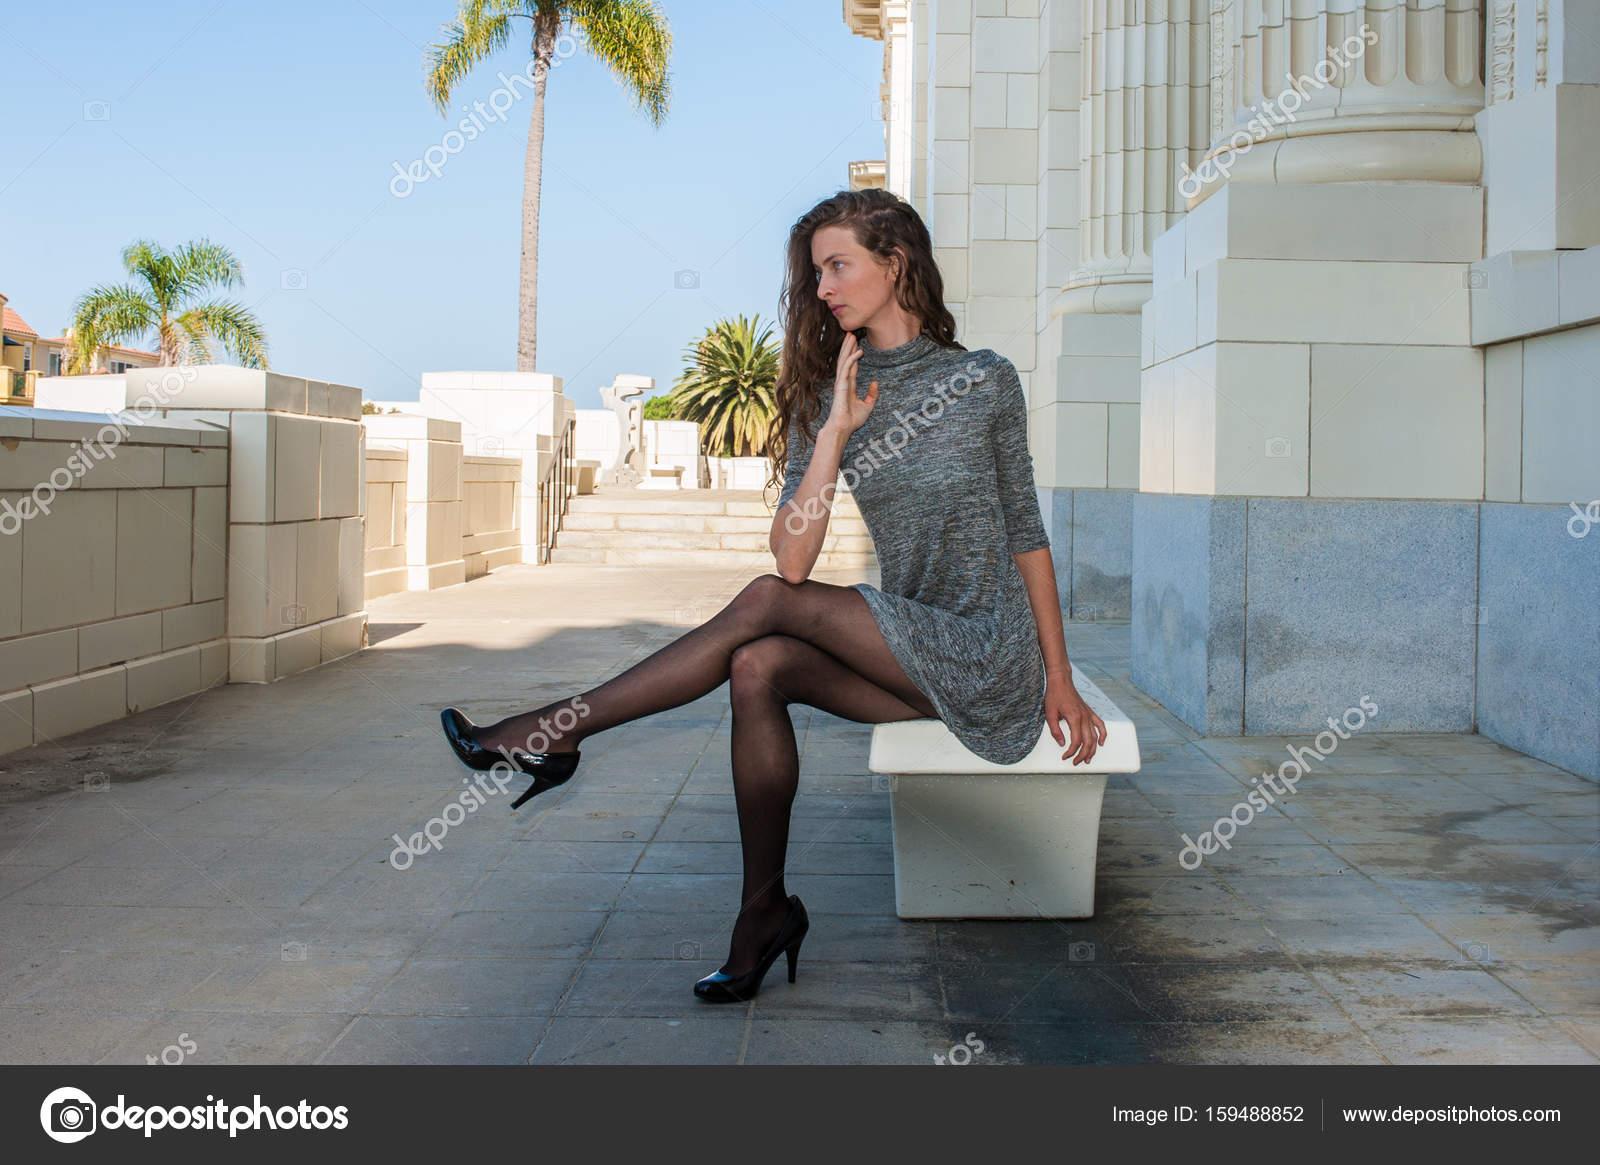 Imagenes de vestidos cortos con medias negras